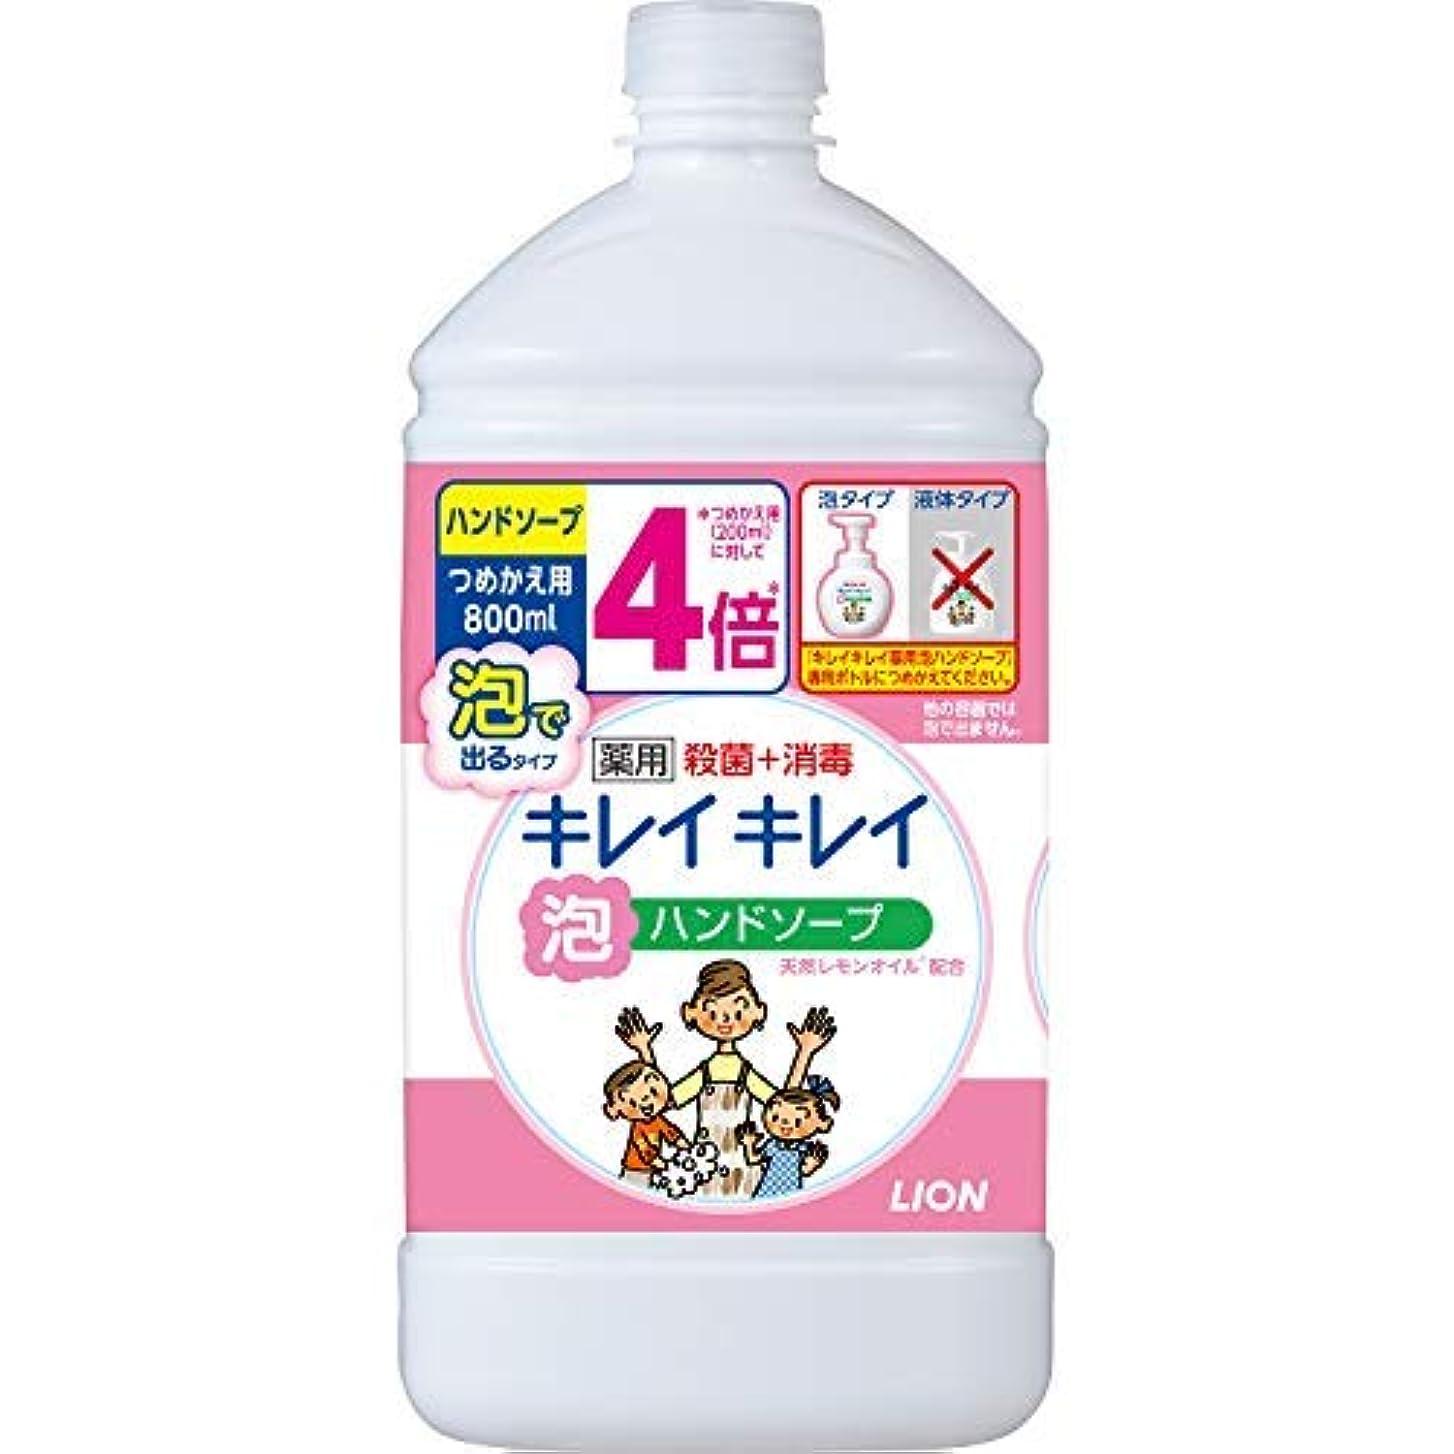 留まるれる可塑性キレイキレイ 薬用泡ハンドソープ つめかえ用特大サイズ シトラスフルーティ × 2個セット